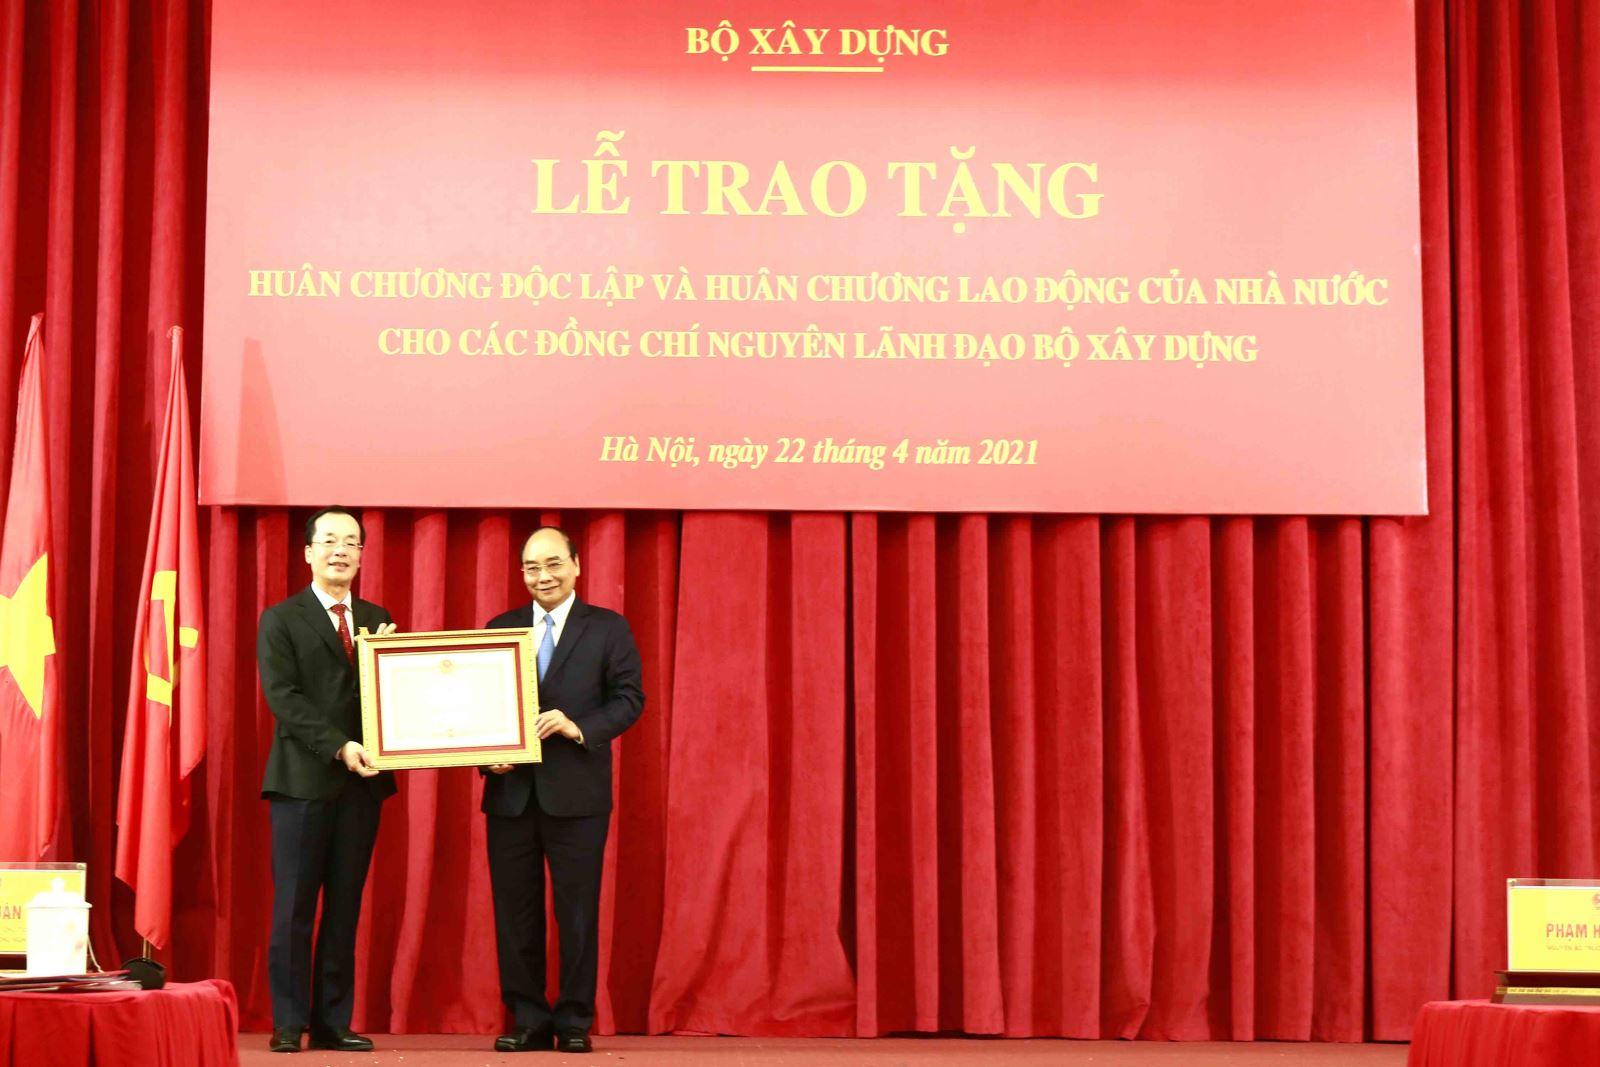 Chủ tịch nước Nguyễn Xuân Phúc trao Huân chương Độc lập hạng Nhì cho đồng chí Phạm Hồng Hà, nguyên Bộ trưởng Bộ Xây dựng